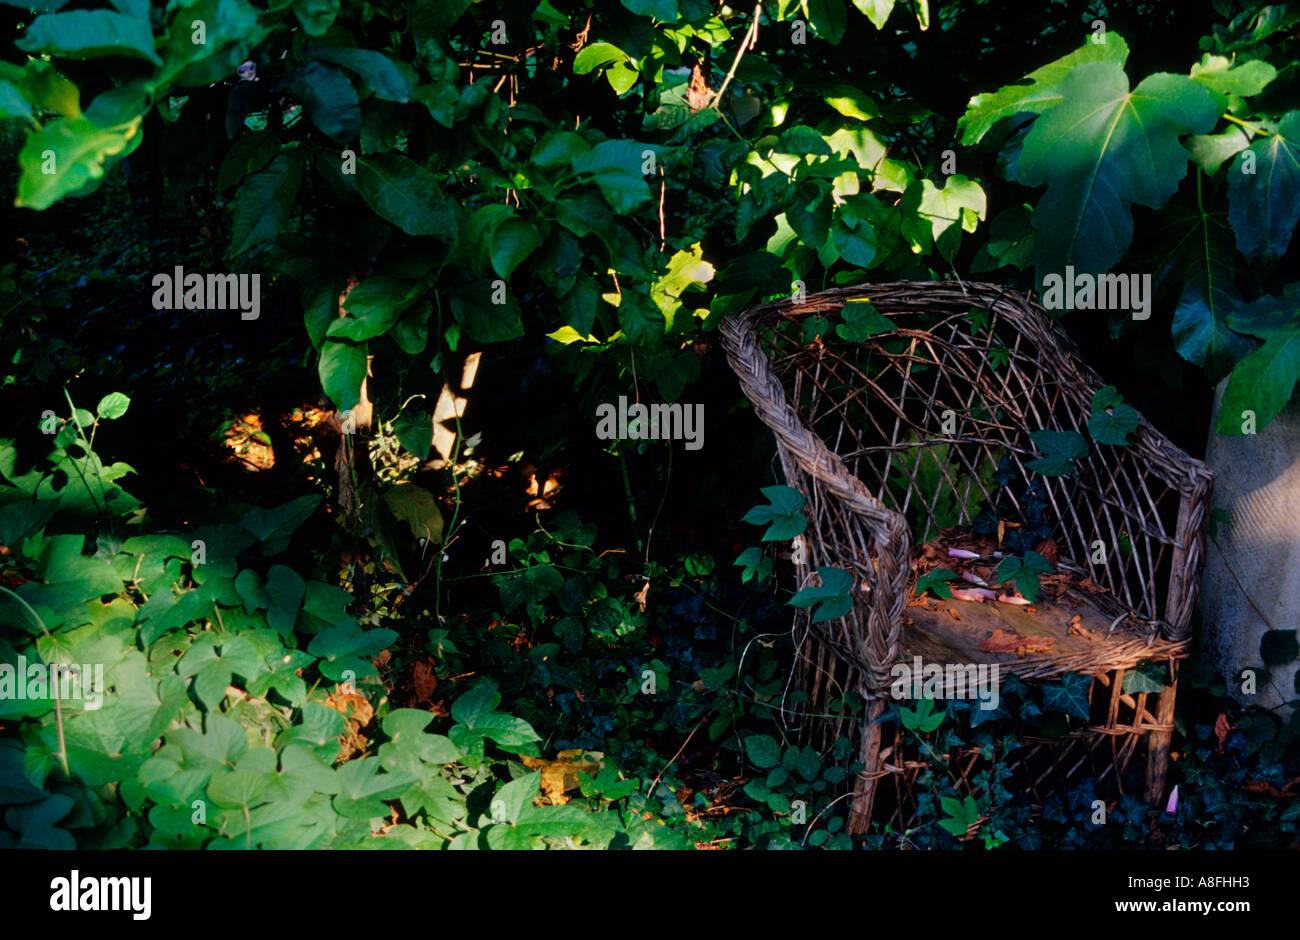 Sedia di vimini in un giardino.Deia . .Maiorca Isole Baleari.Spagna Immagini Stock